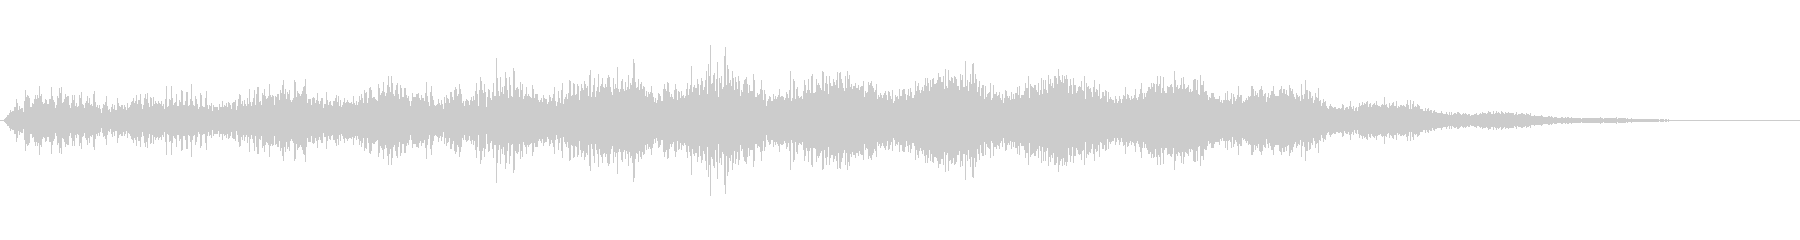 時空を越えて上昇していく音の未再生の波形